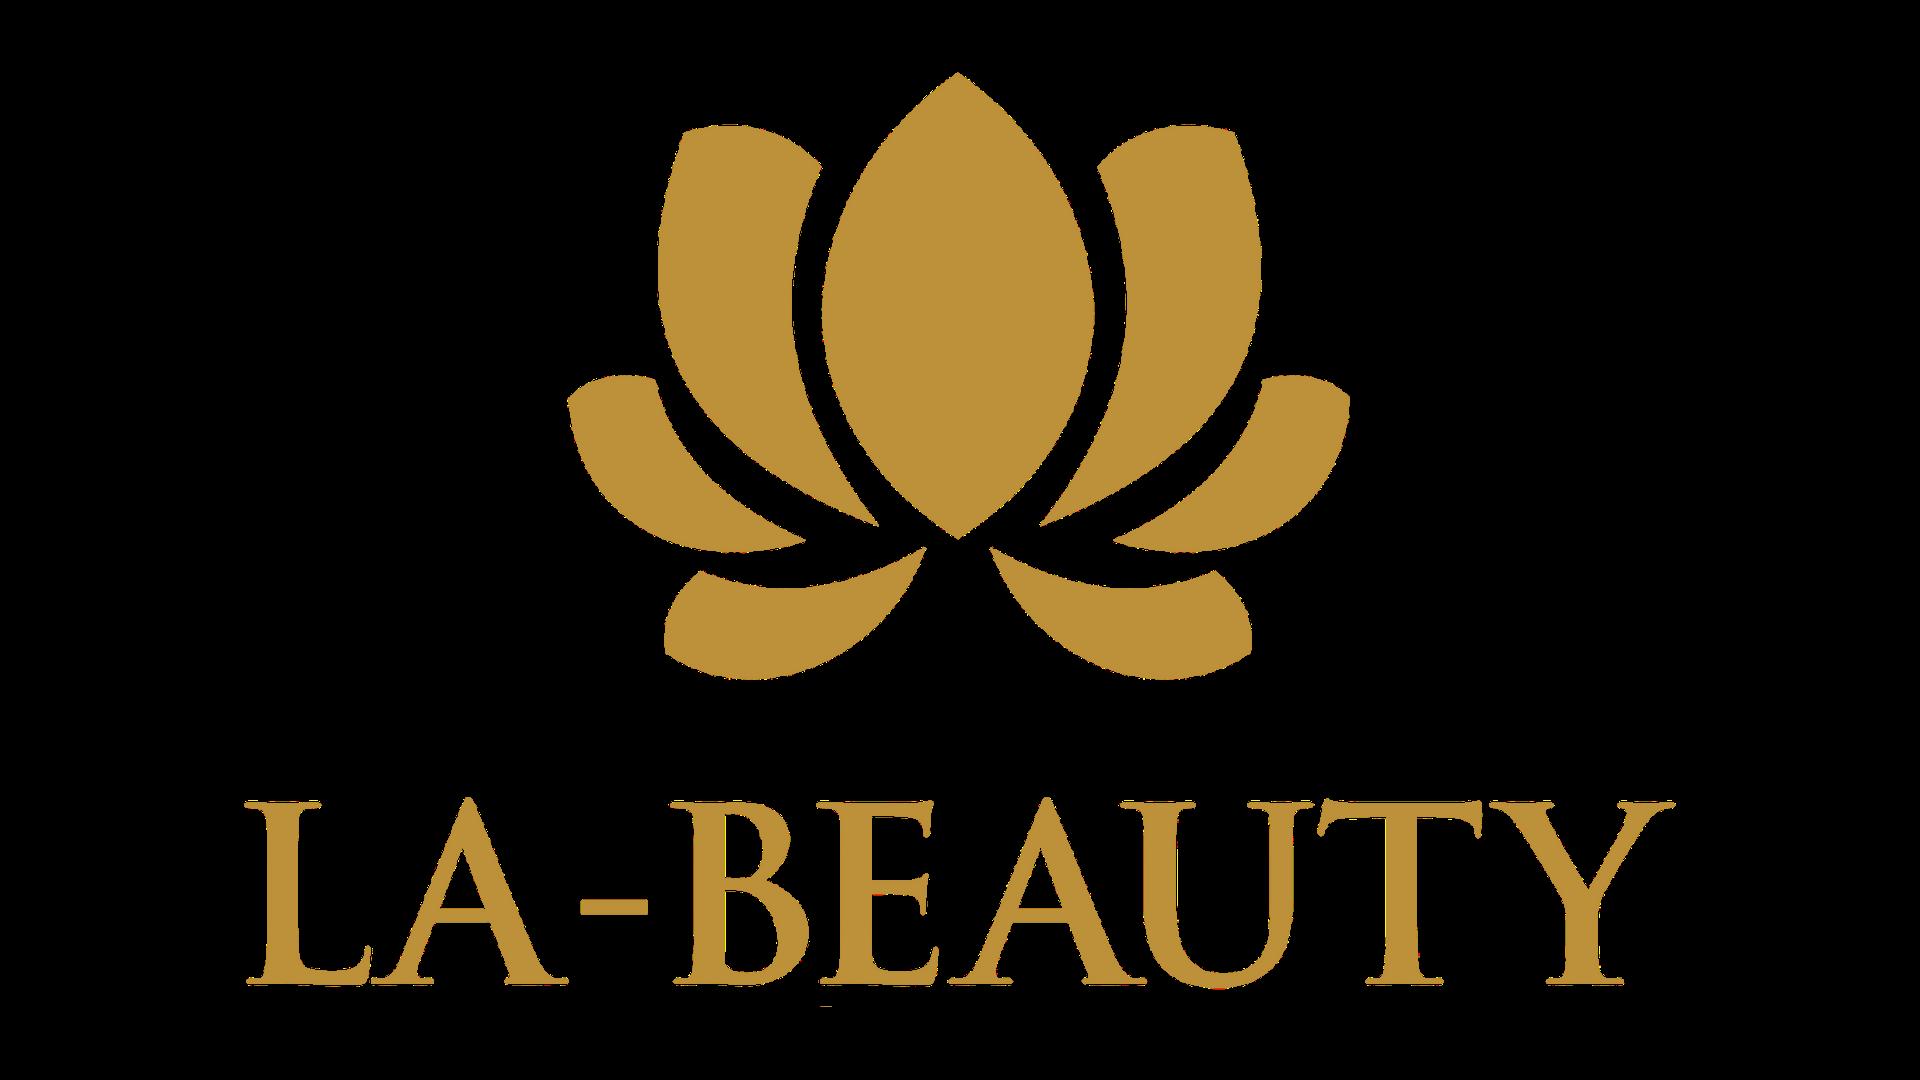 La-Beauty